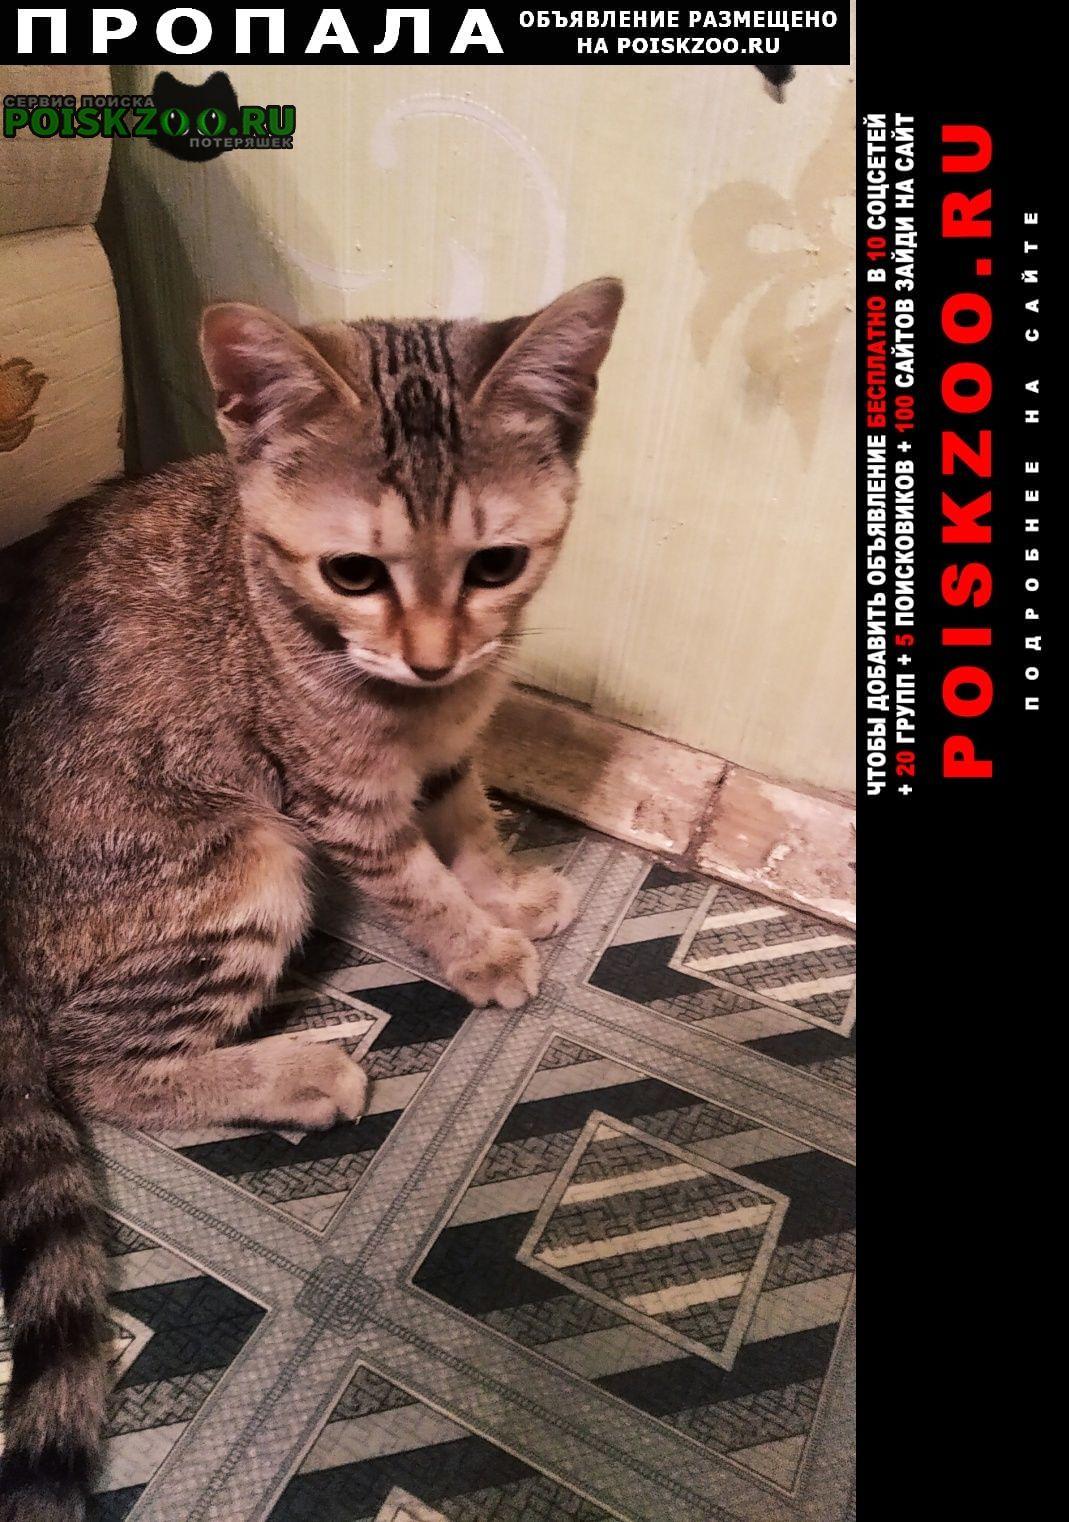 Пропала кошка кто видел её можете отдать Казань